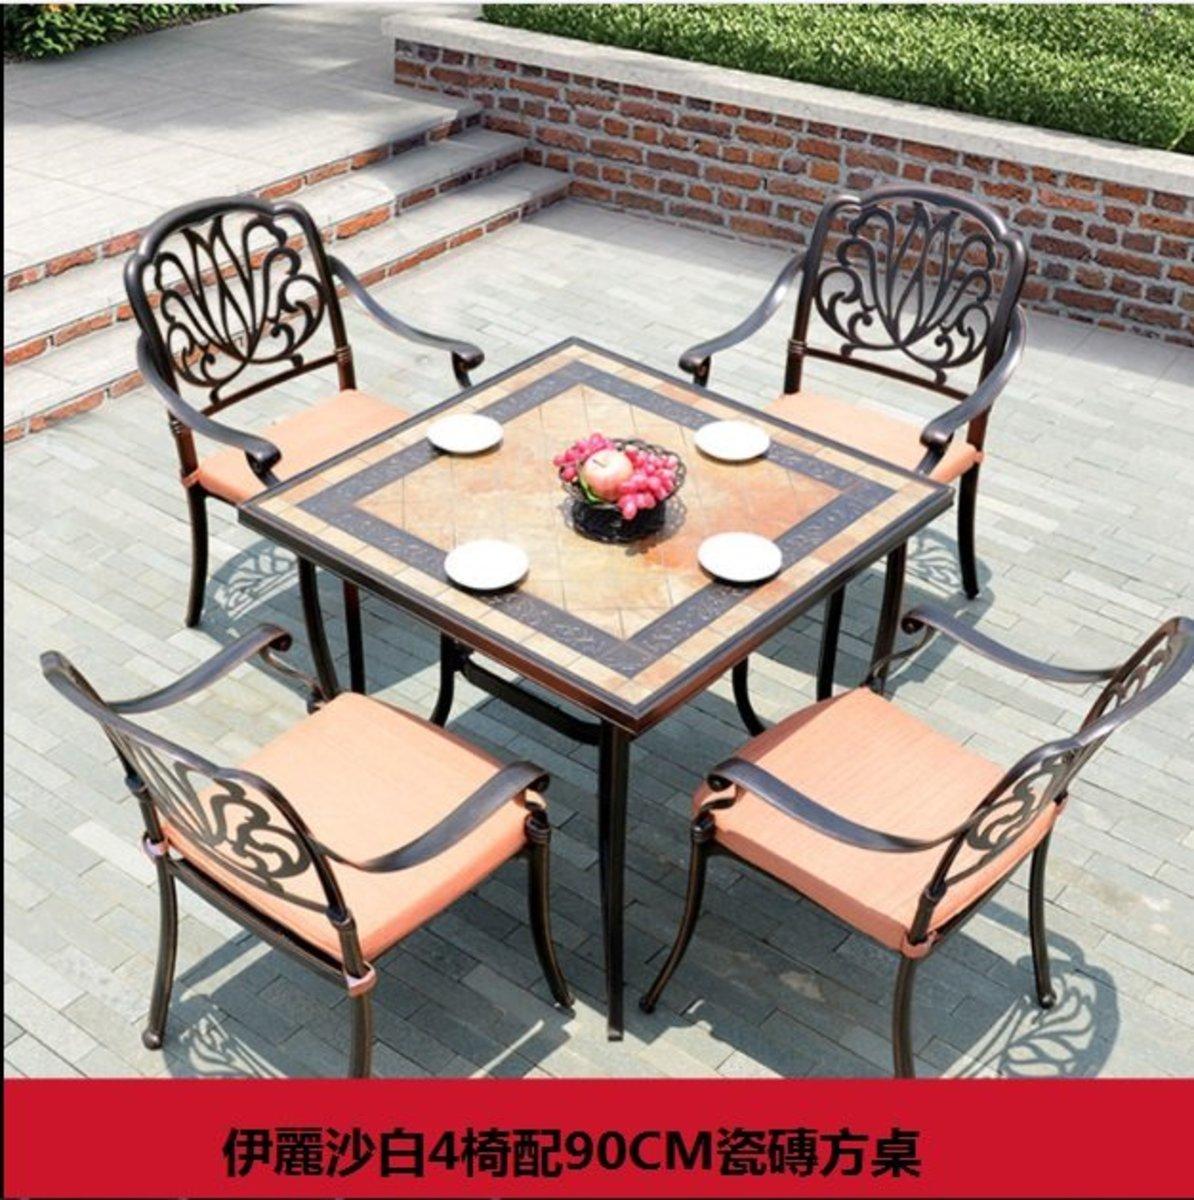 歐式鐵藝防水防曬桌椅(伊麗沙白4椅配90CM瓷磚方桌)